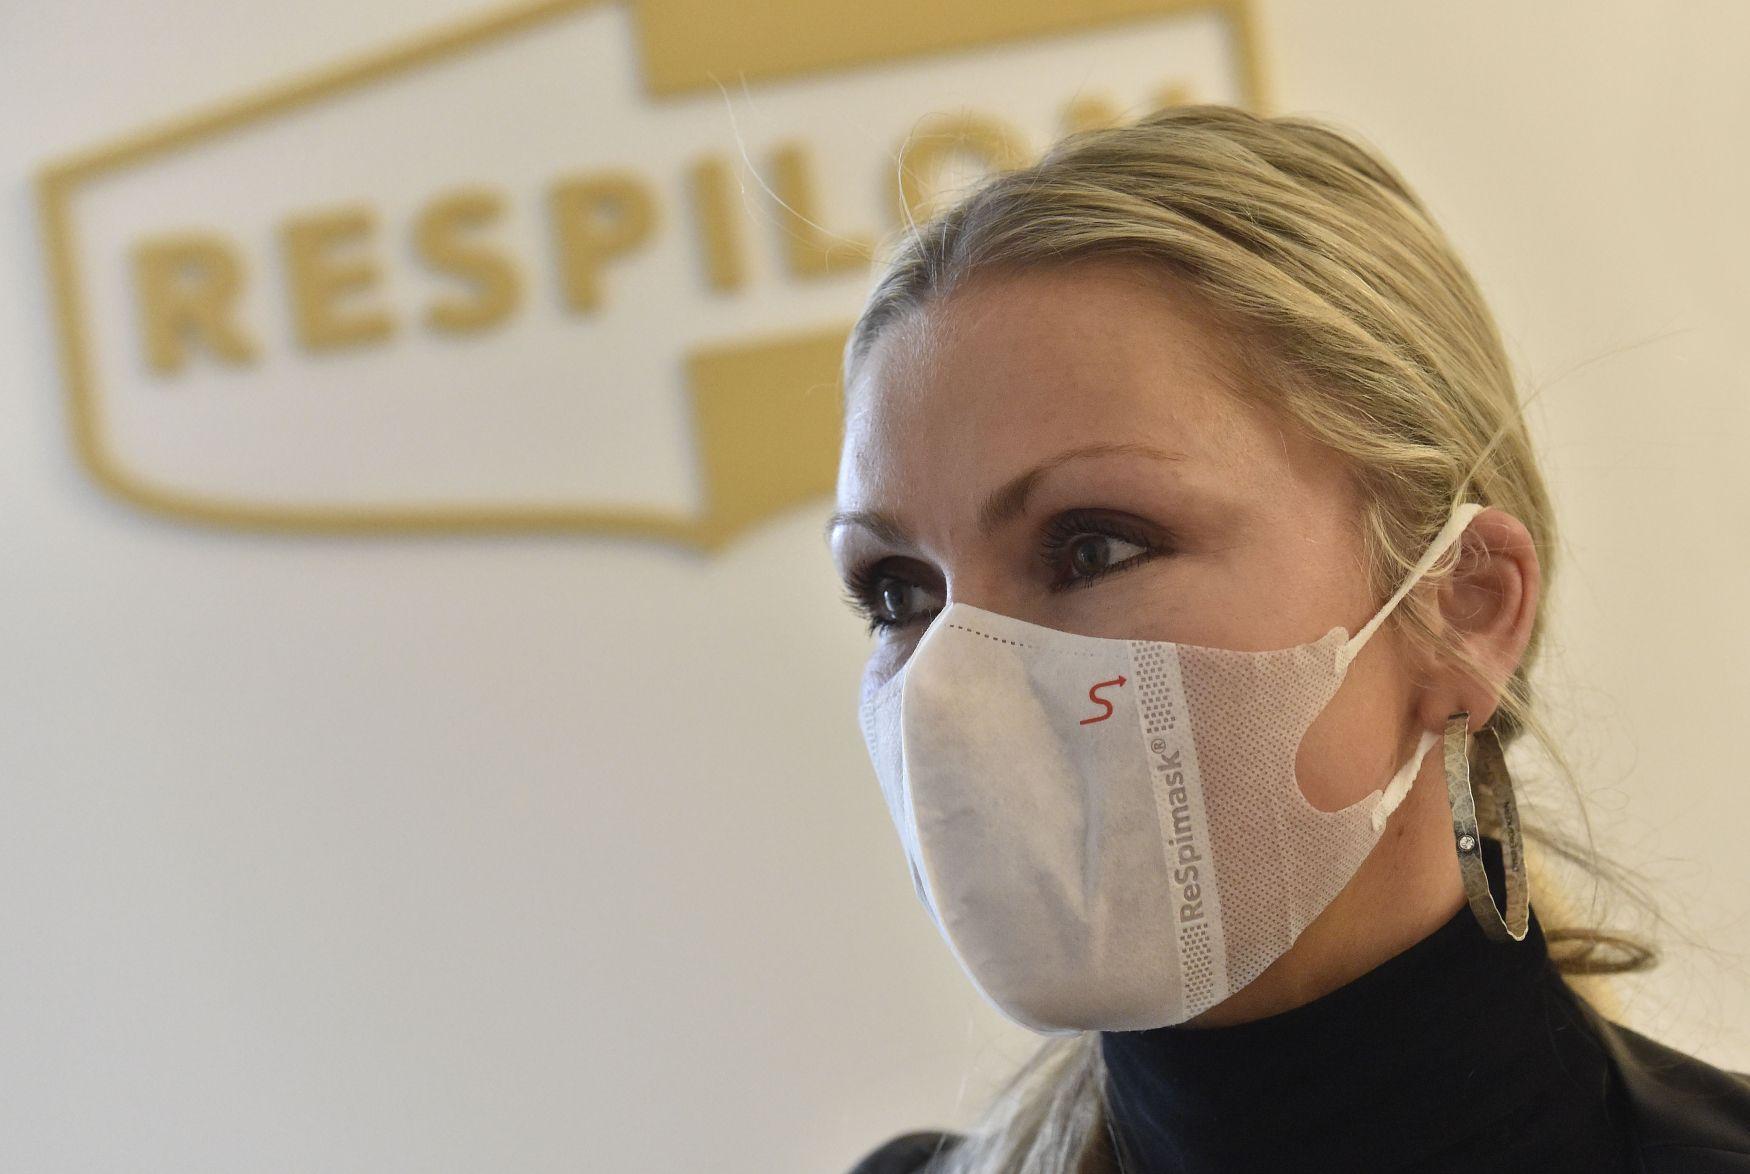 masque medical p3